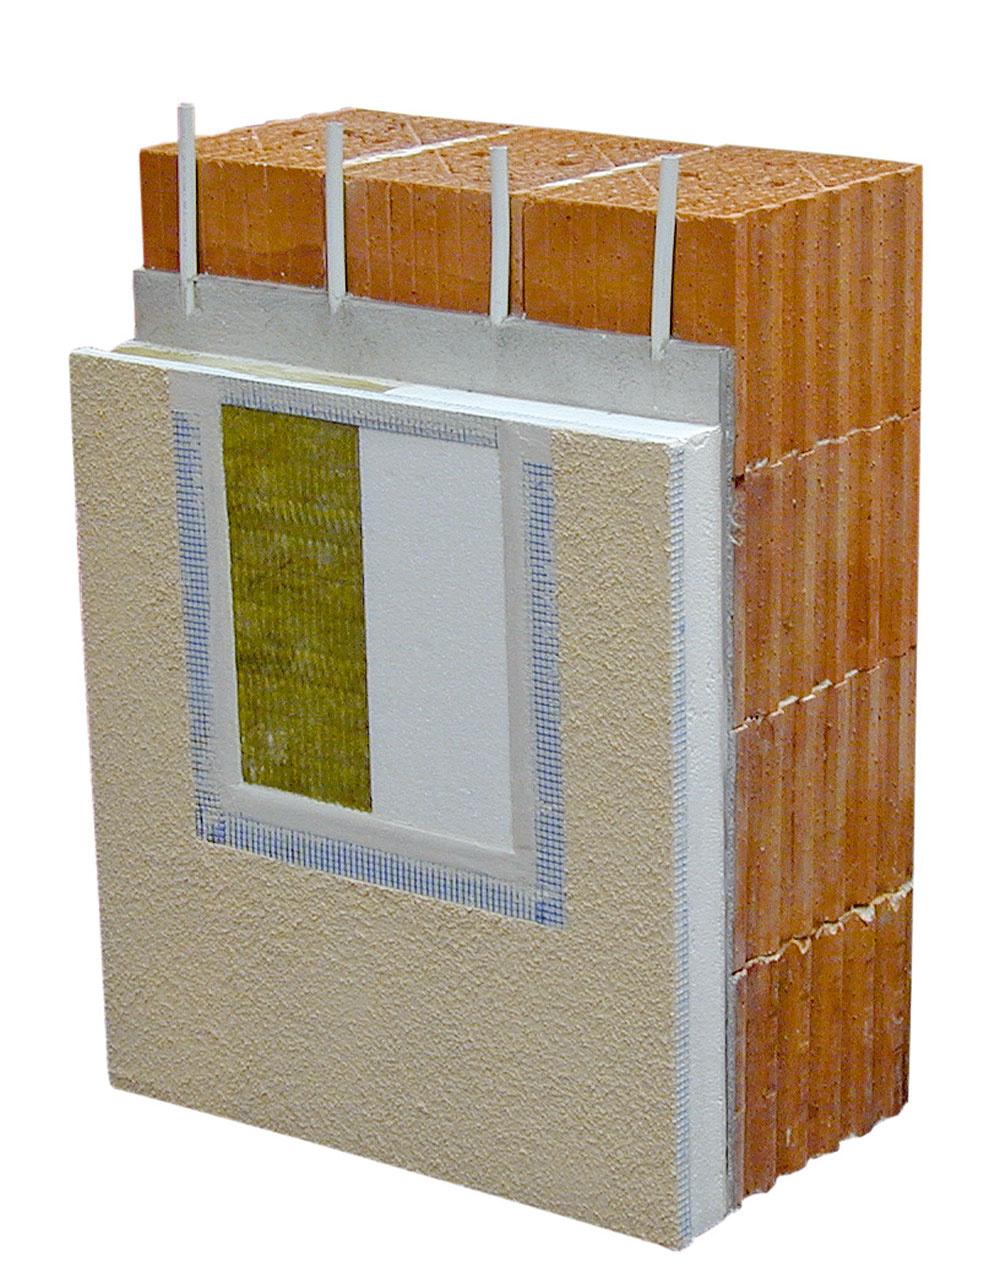 Princíp tepelnej bariéry možno aplikovať pri akomkoľvek spôsobe výstavby – príklady vytvorenia tepelnej bariéry pri murovaných obvodových stenách. To, čo sa pri pasívnych anízkoenergetických domoch dosahuje extrémne hrubou tepelnou izoláciou (až 40cm), teda minimálne tepelné straty, sa vdomoch Terra-Sol dosiahne vďaka tepelnej bariére pri stene vymurovanej zbežných materiálov aizolácii hrubej len 10 cm.